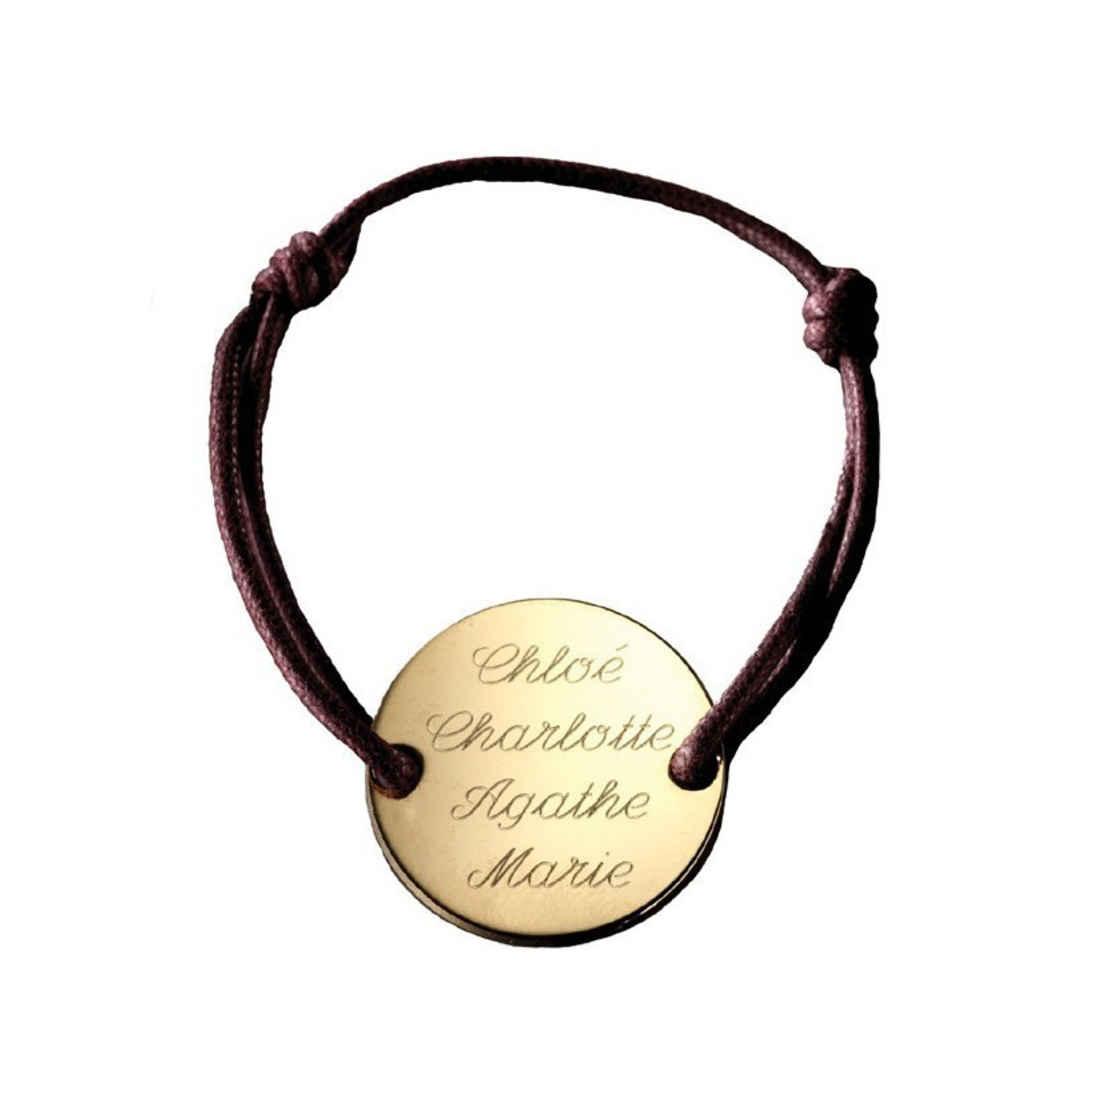 Petits Trésors Bracelet Family - plaqué or